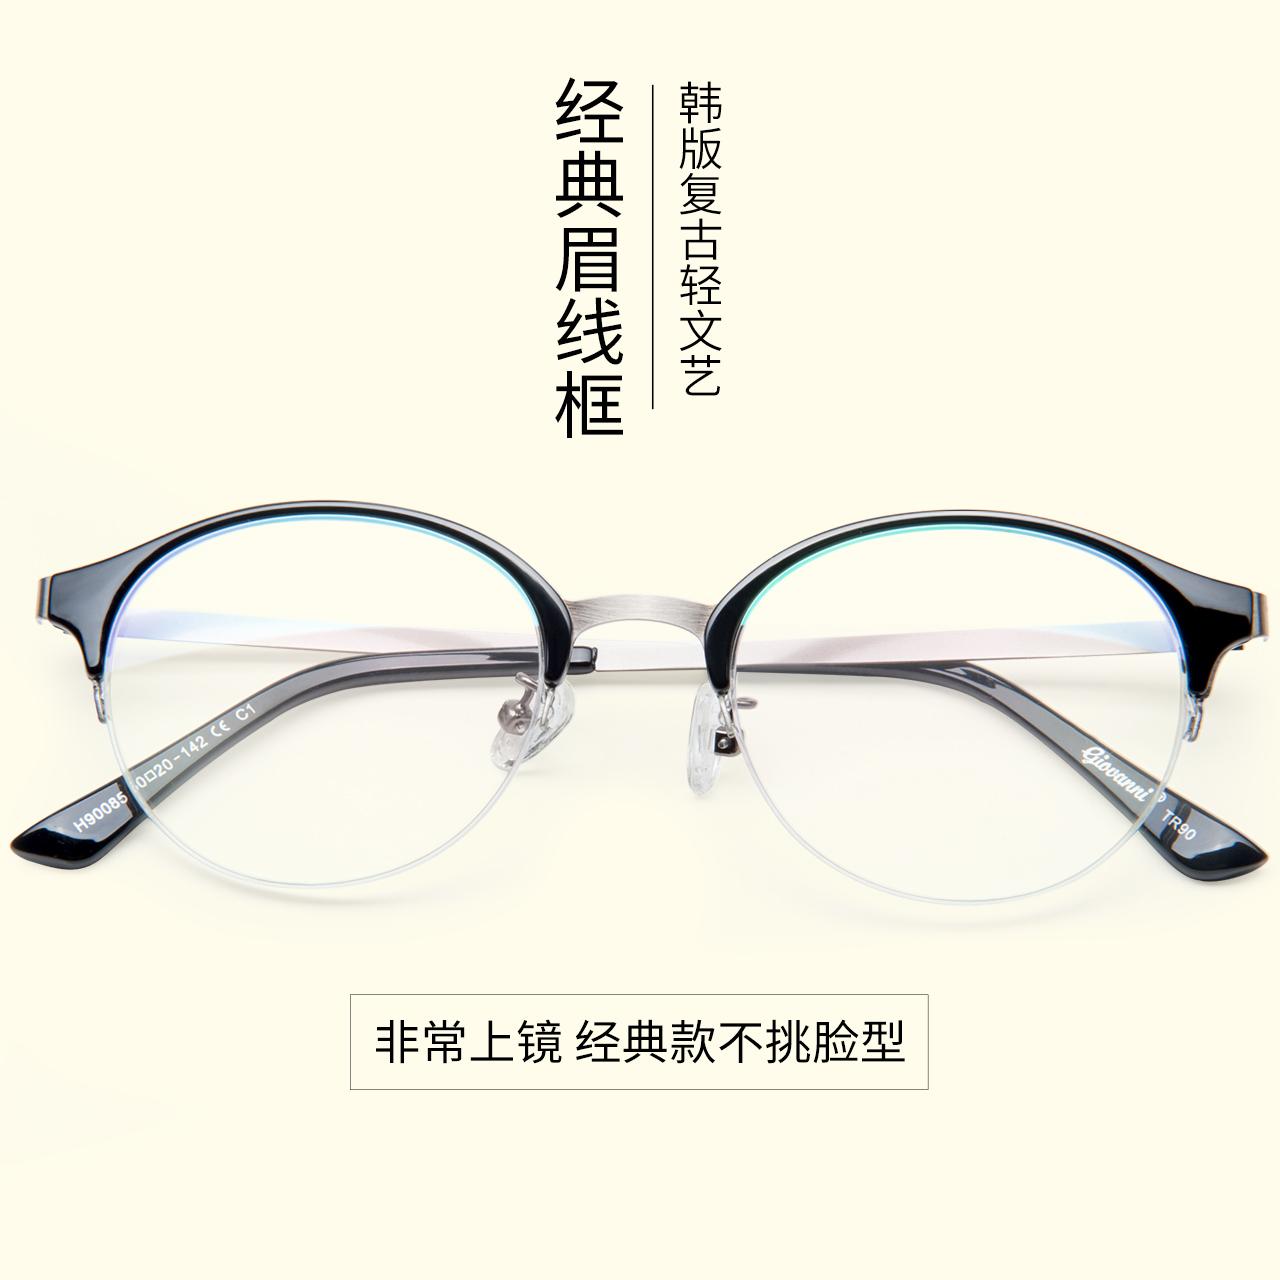 【限时秒杀】近视男圆形tr90女眼镜框